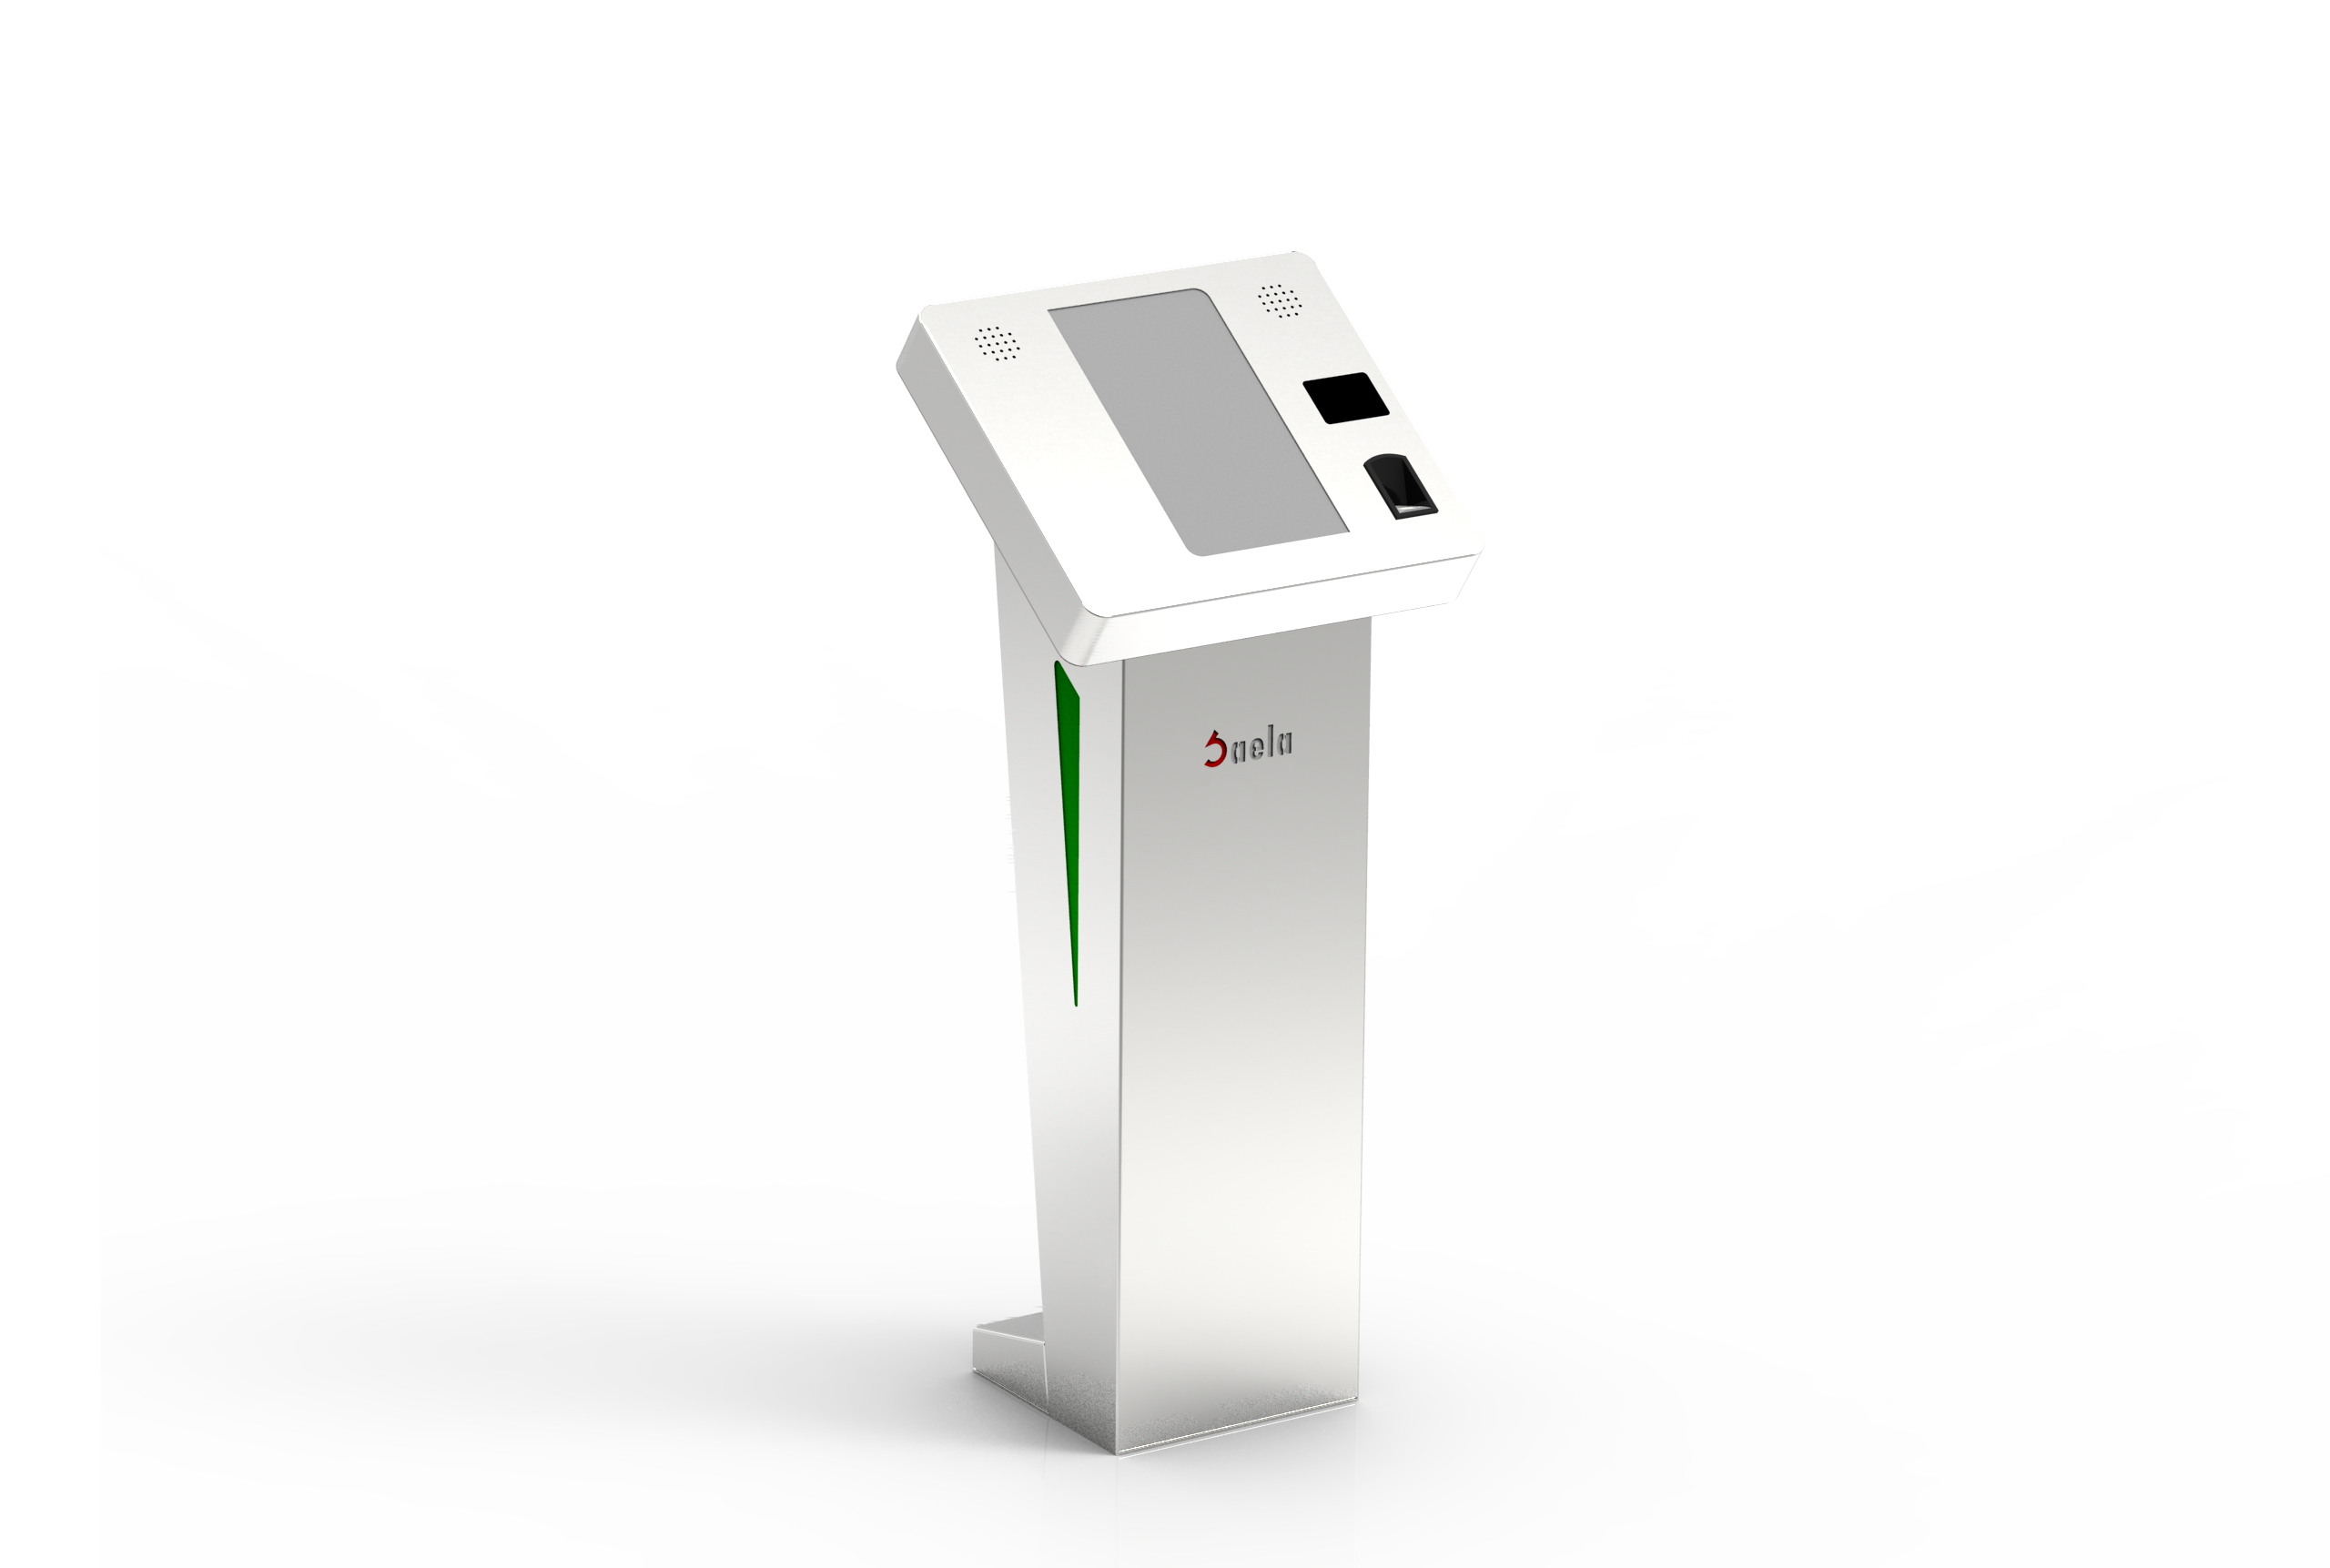 دستگاه کنترل دسترسی P901